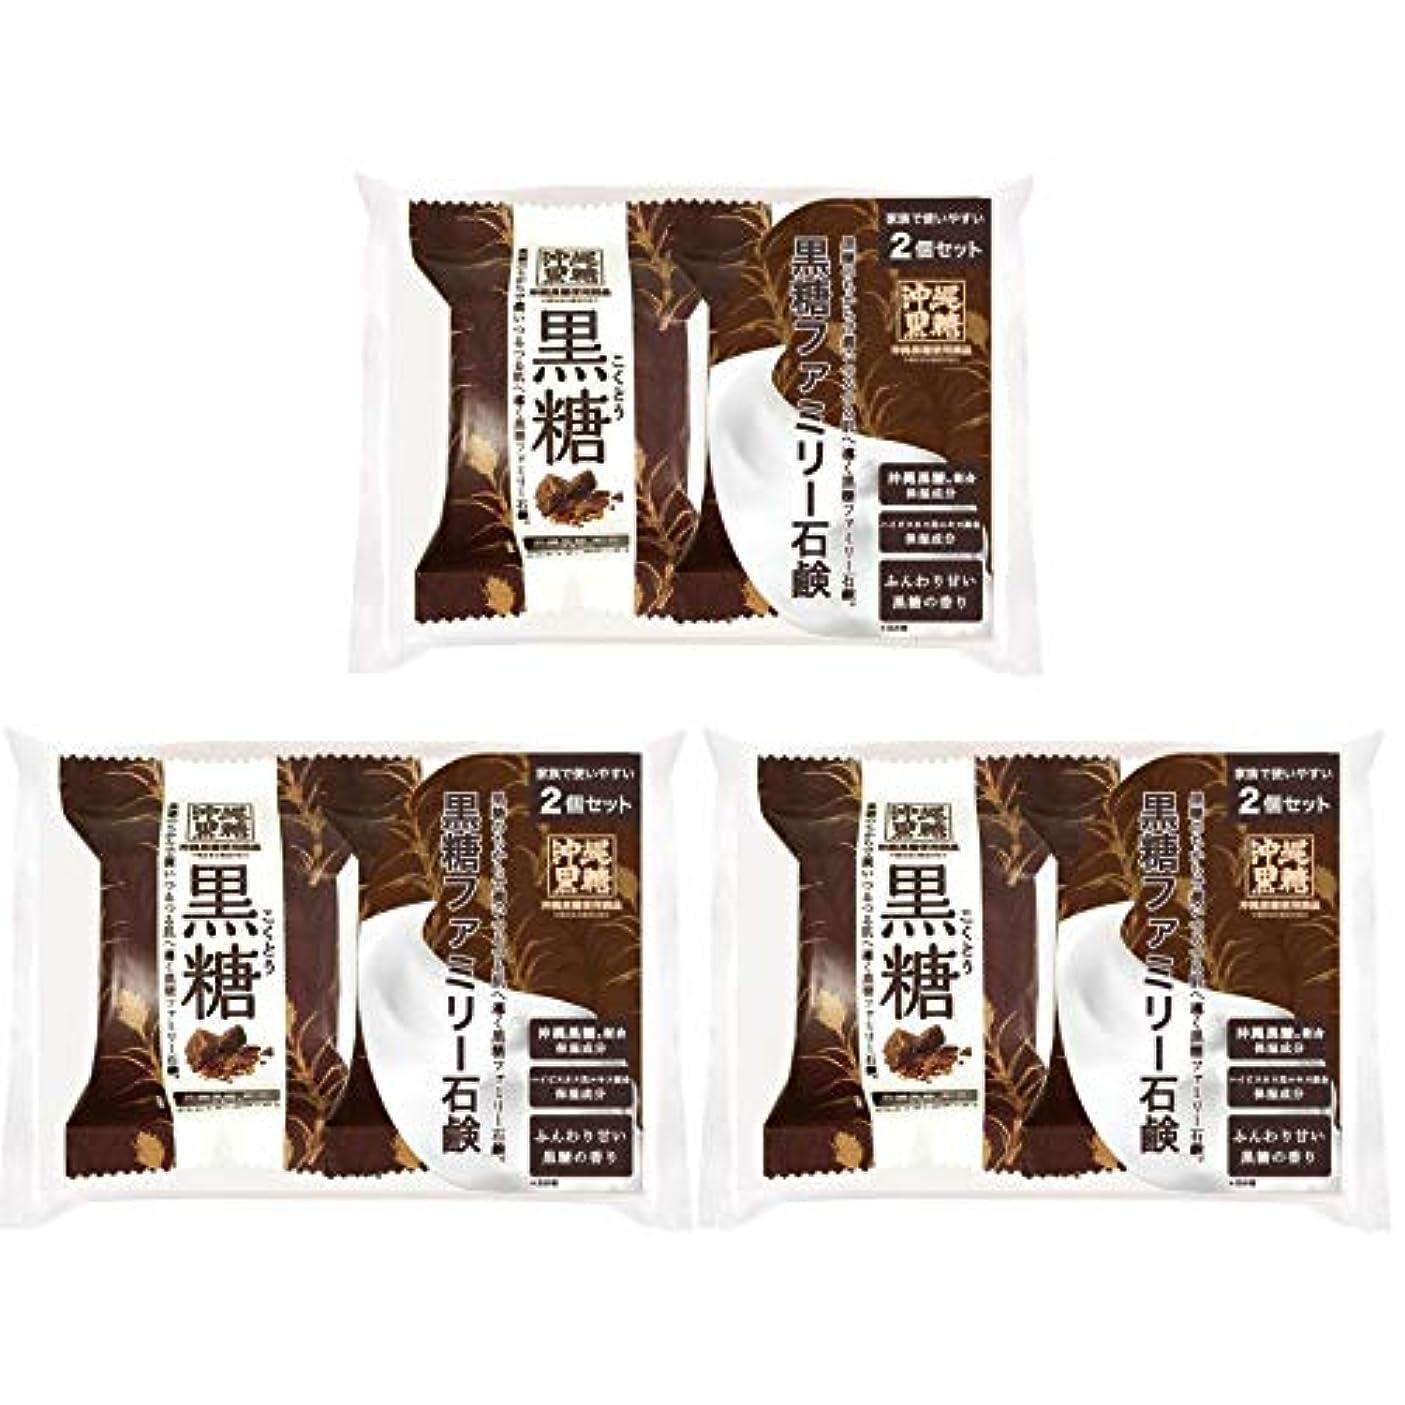 流体アパート高さ【3個セット】ペリカン石鹸 ファミリー黒糖石鹸 80g×2個